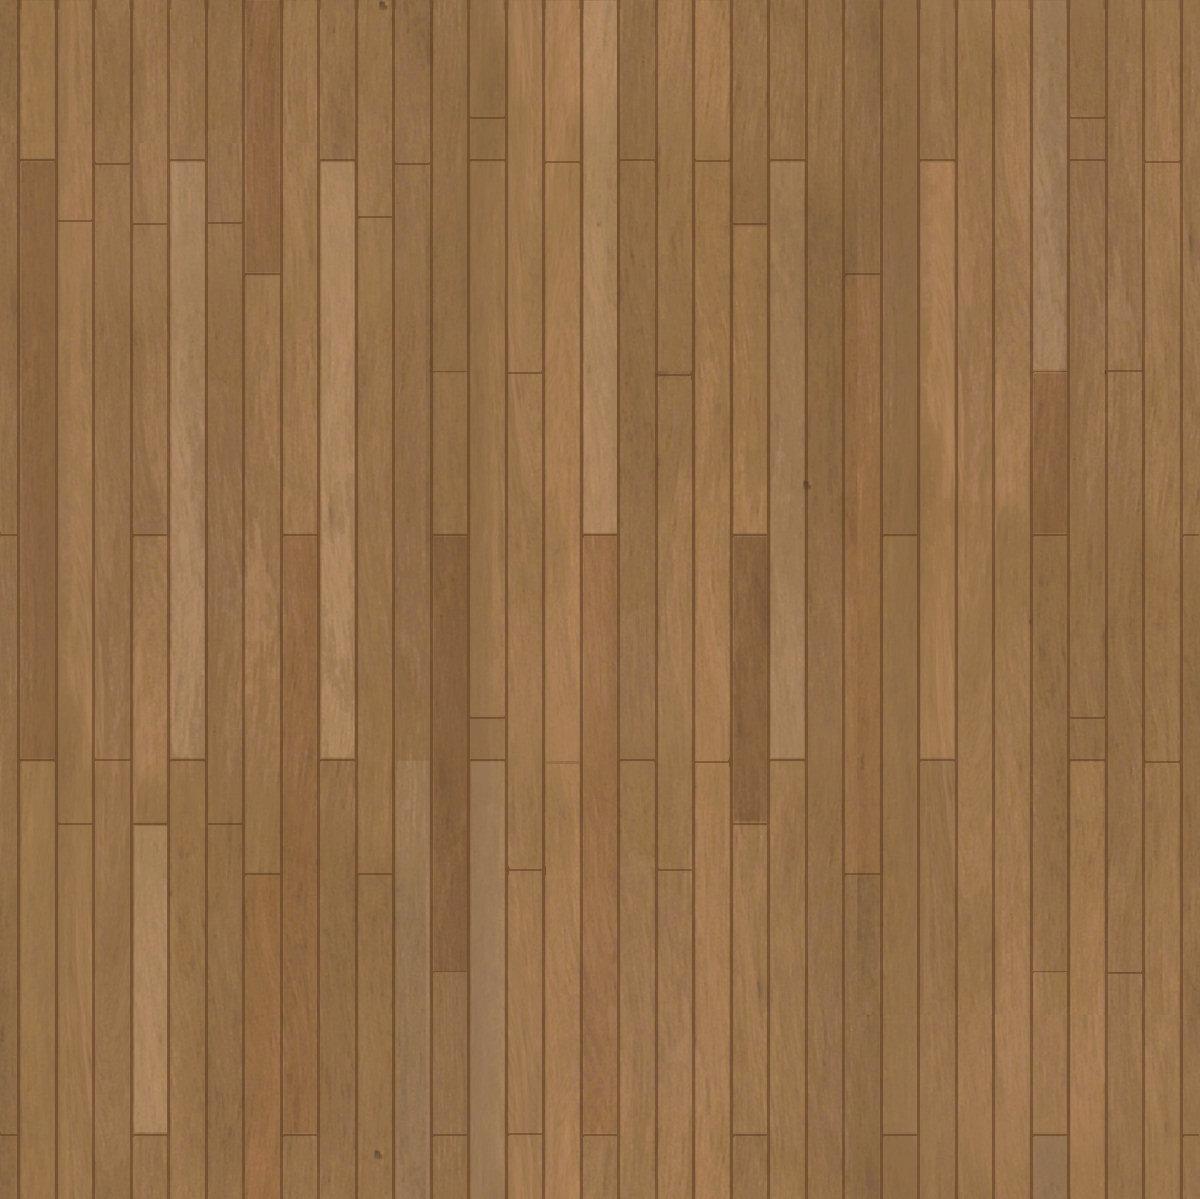 swtexture free architectural textures parquet tileable